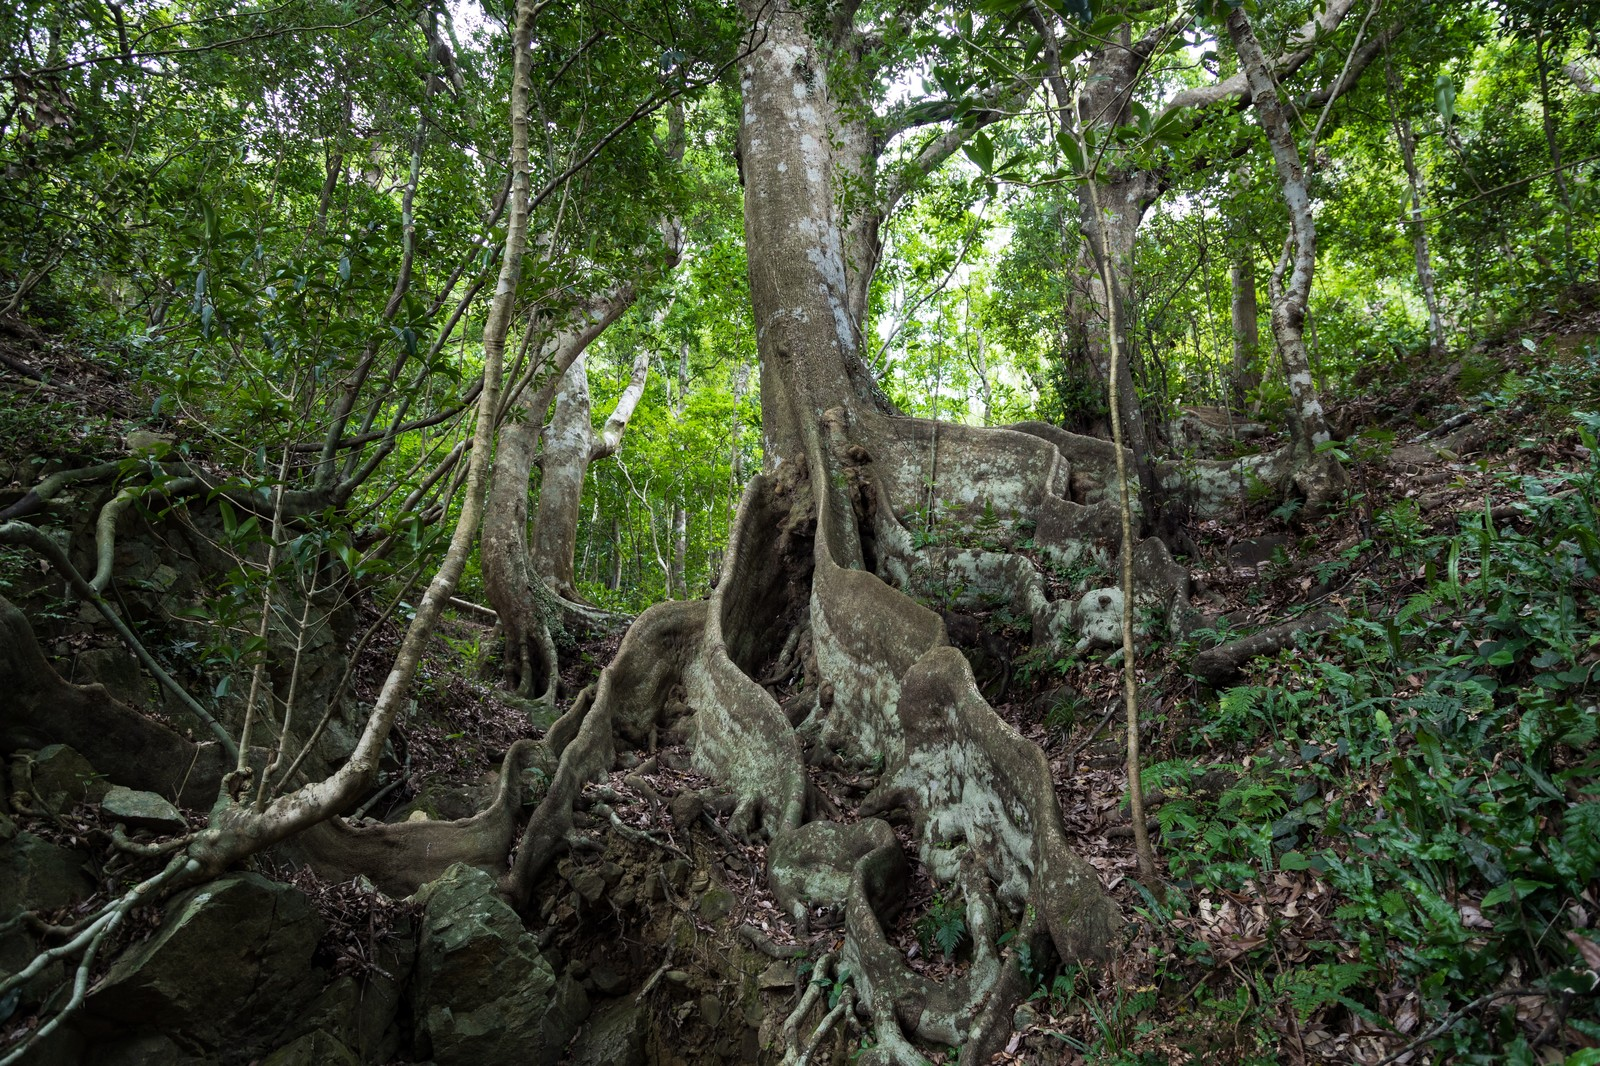 「巨大な根のオキナワウラジロガシ」の写真